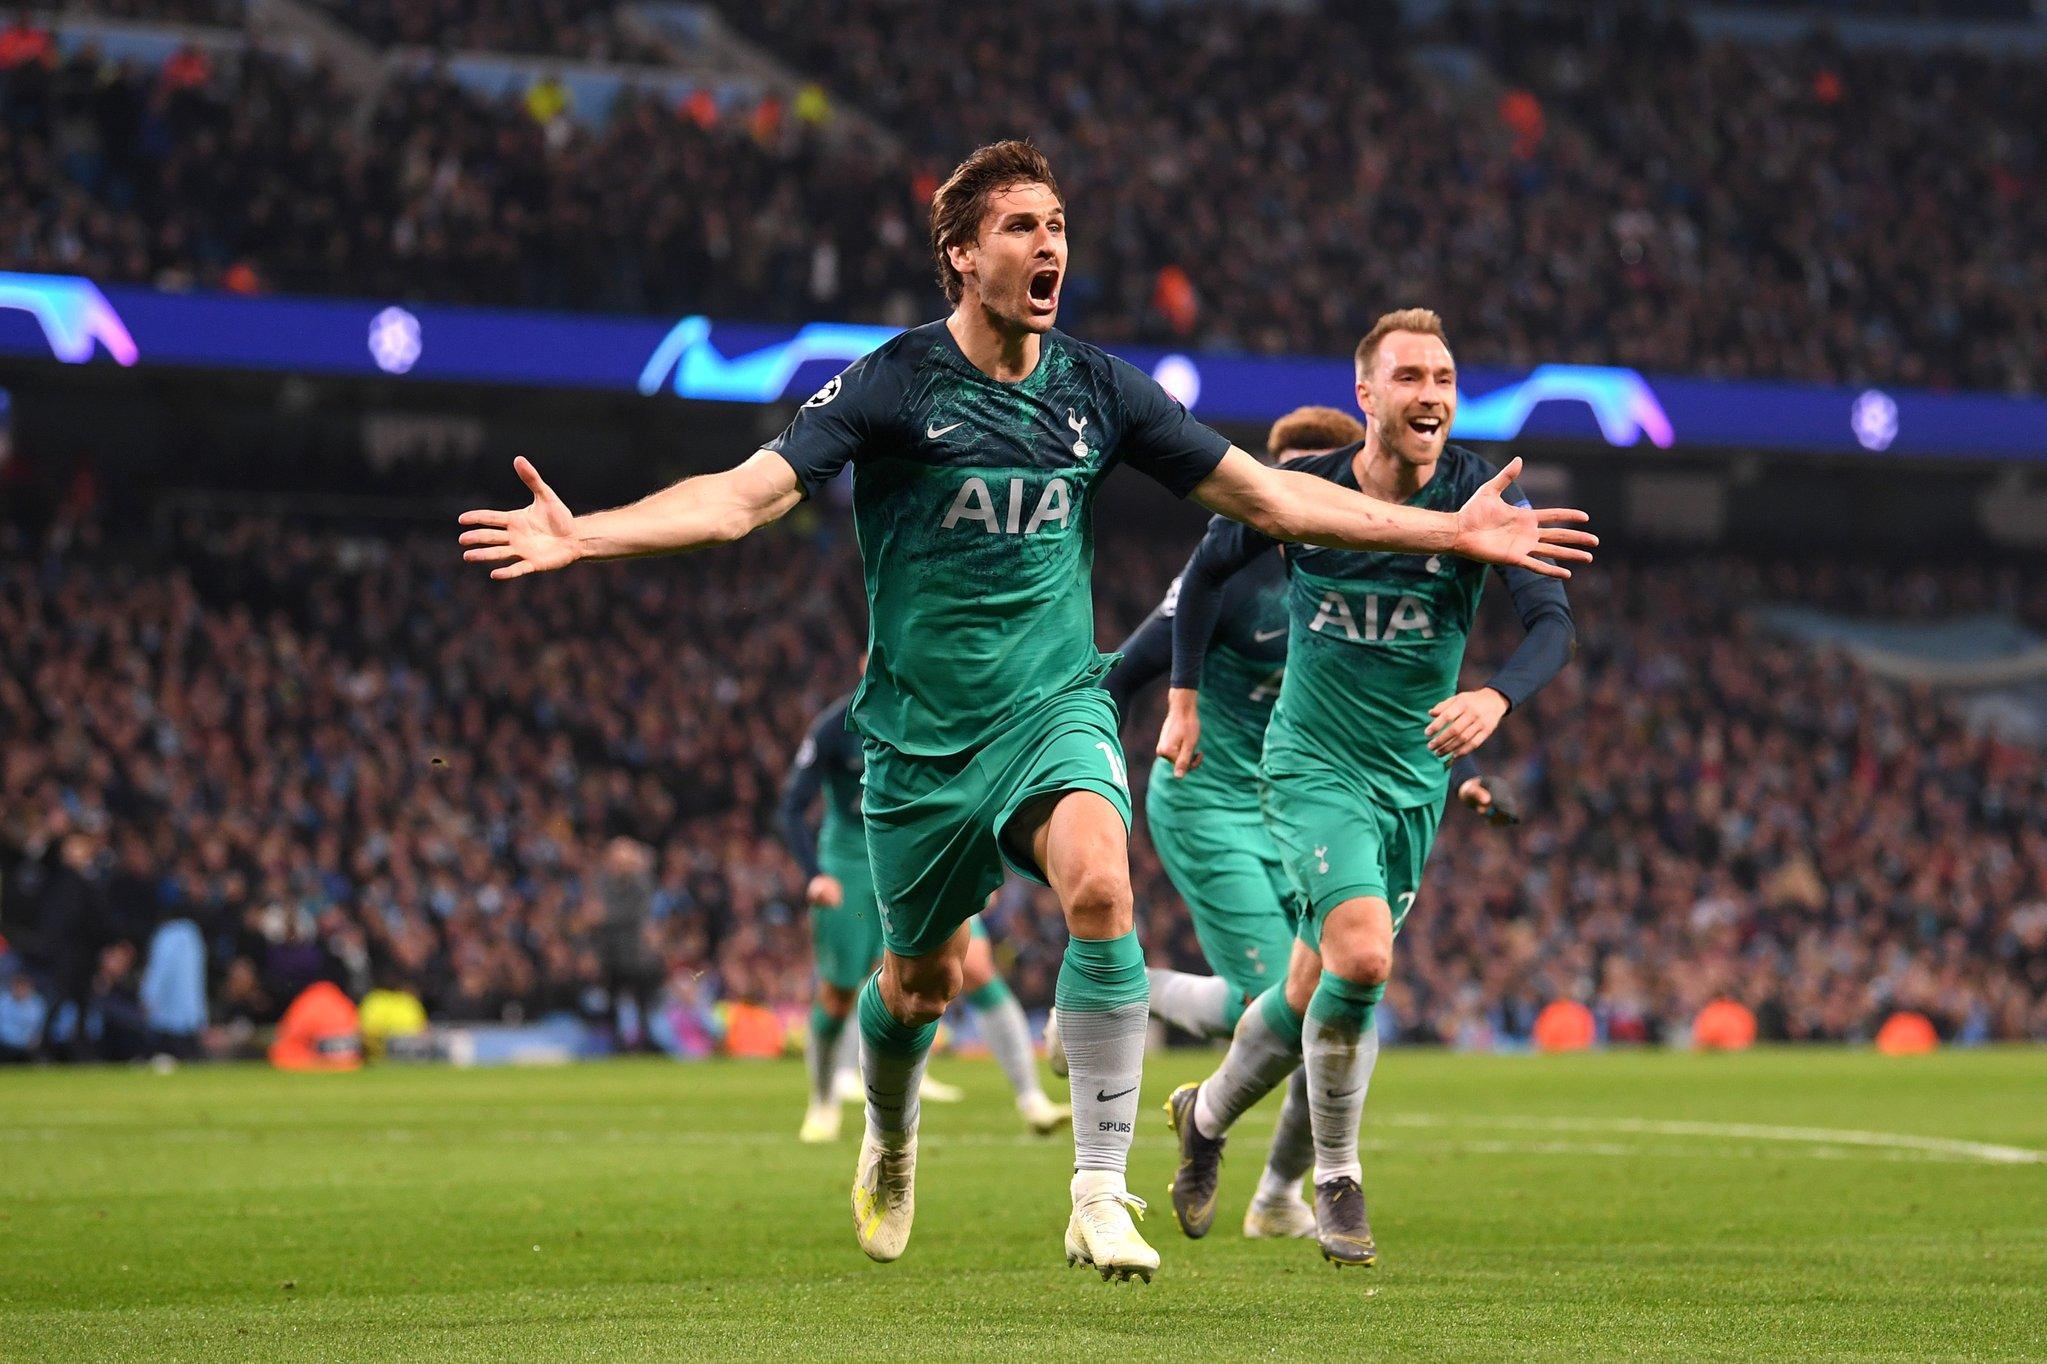 أهداف المباراة المثيرة بين مانشستر سيتي وتوتنهام - دوري أبطال أوروبا